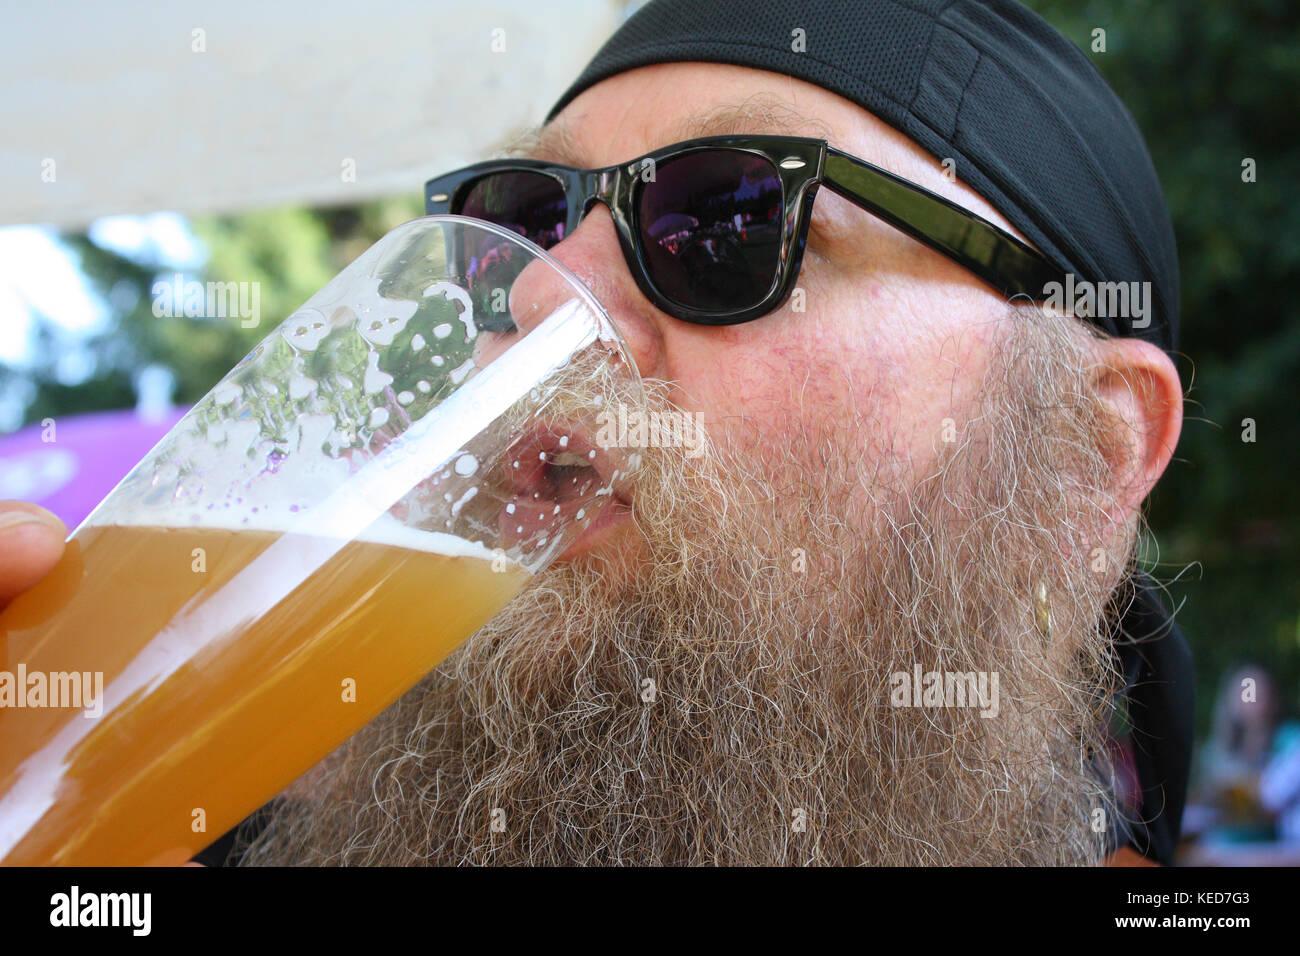 Mann mit langem Bart drinkt ein Bier - Stock Image